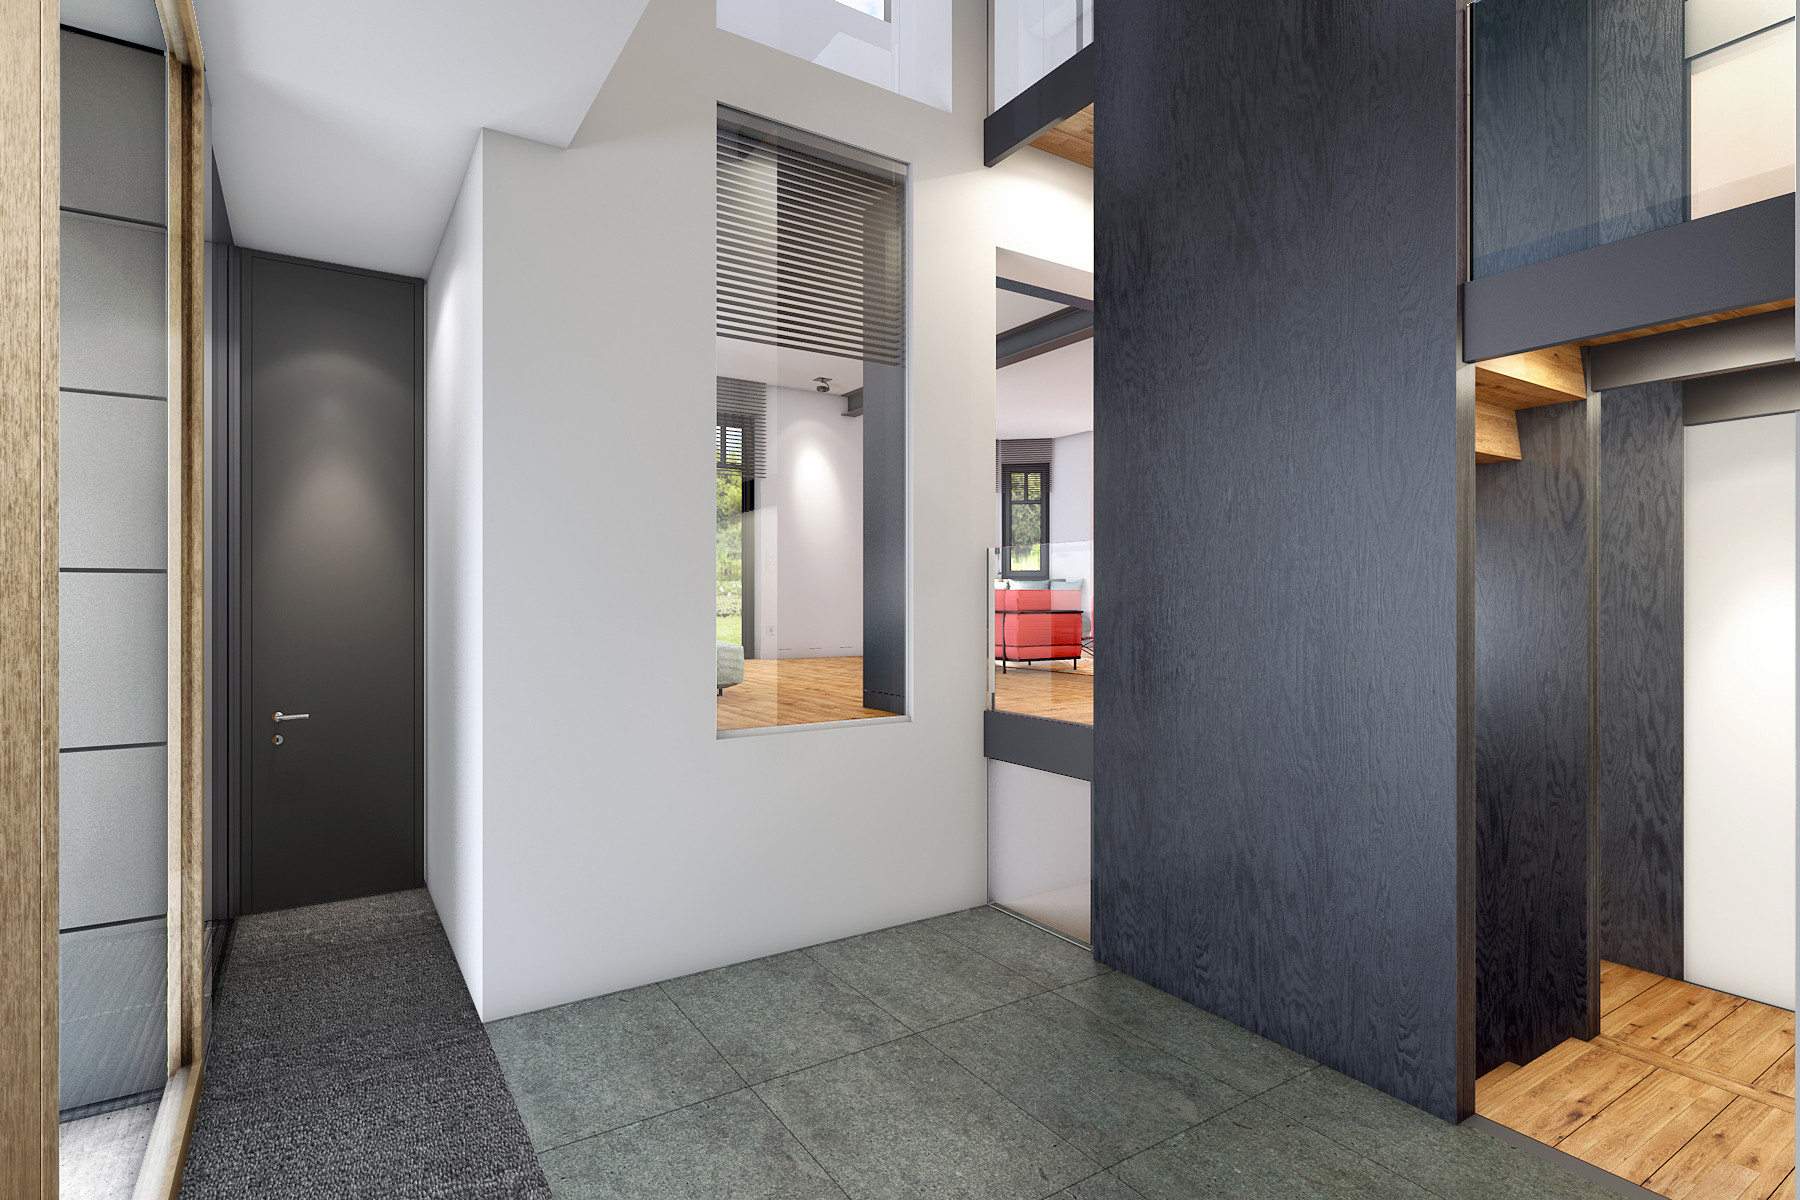 C59 Wohnhaus Ben Dieckmann architects